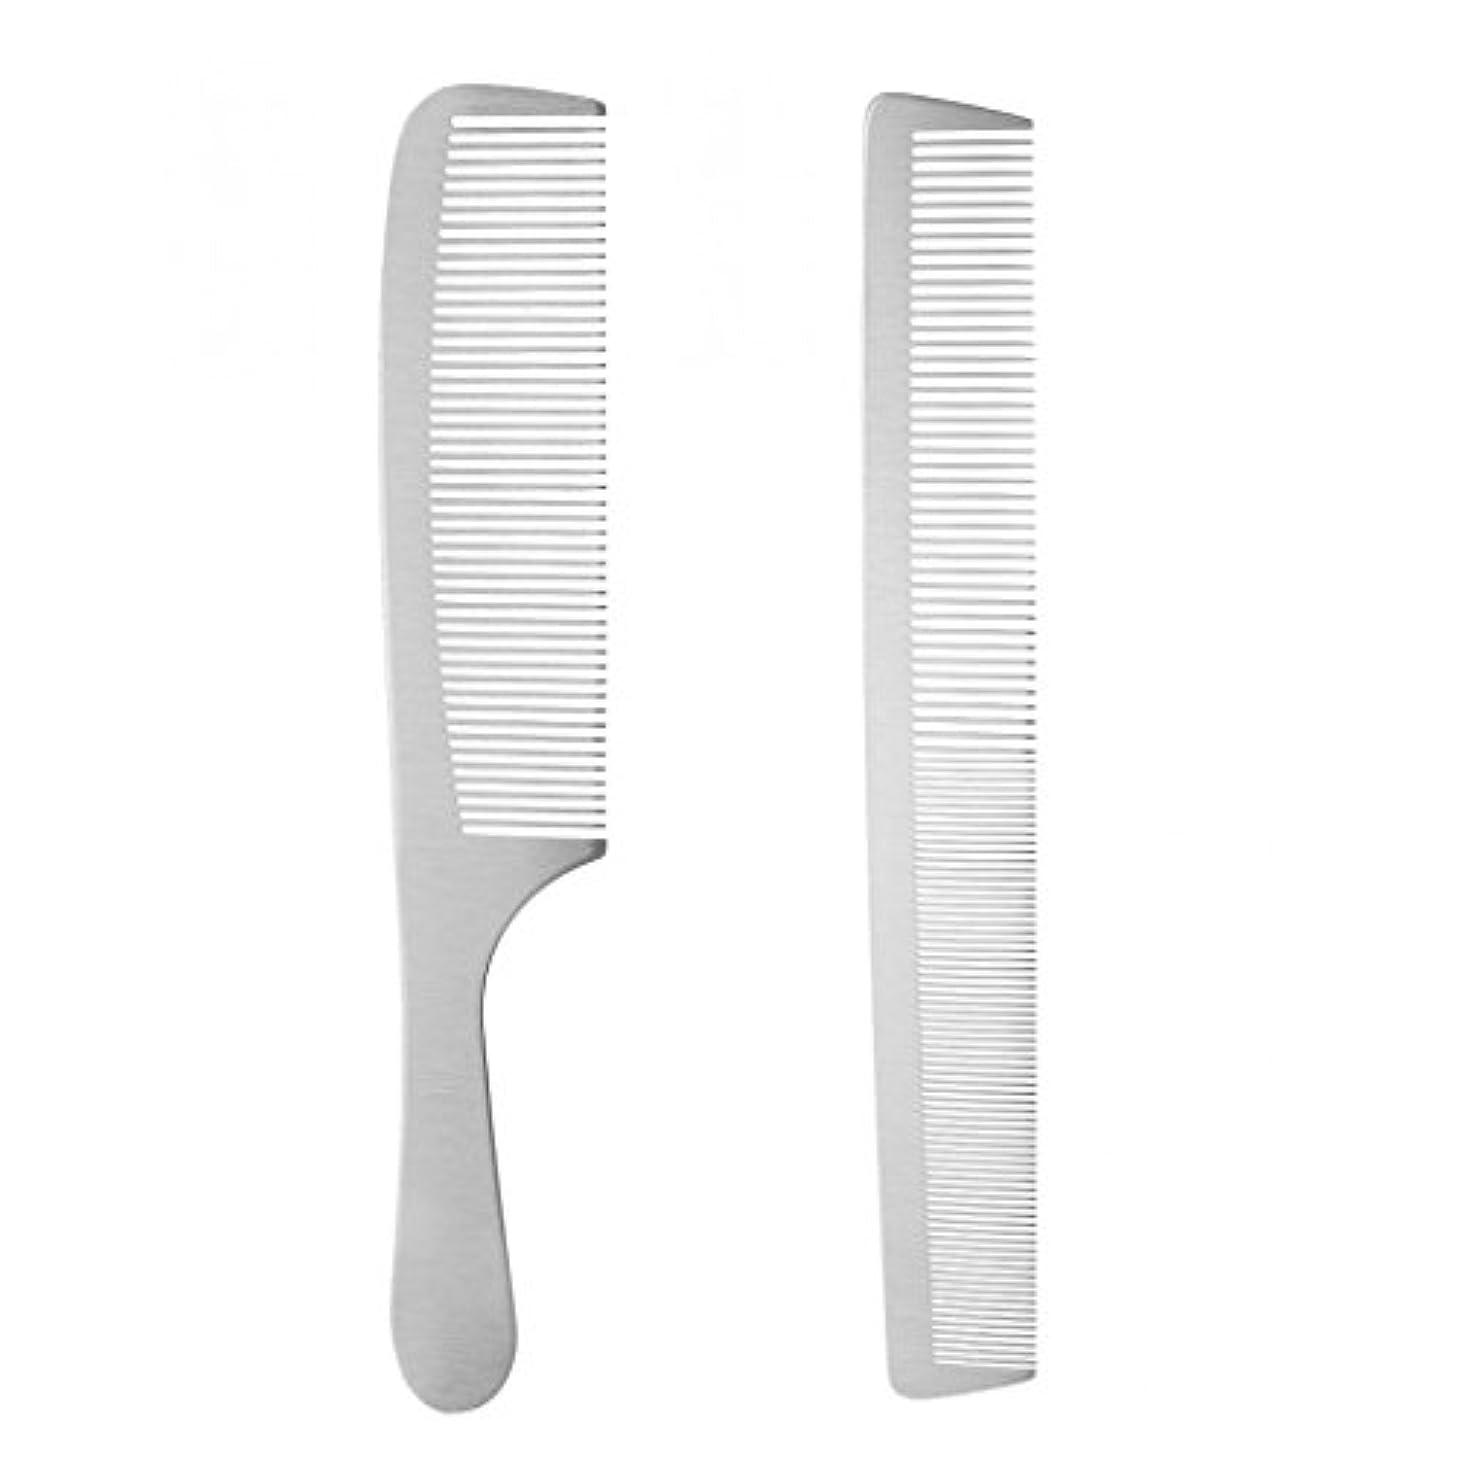 クライストチャーチ合併動かない2倍のステンレス鋼サロンの理髪師ヘアスタイリングヘアカットカッティングヘアブラシ